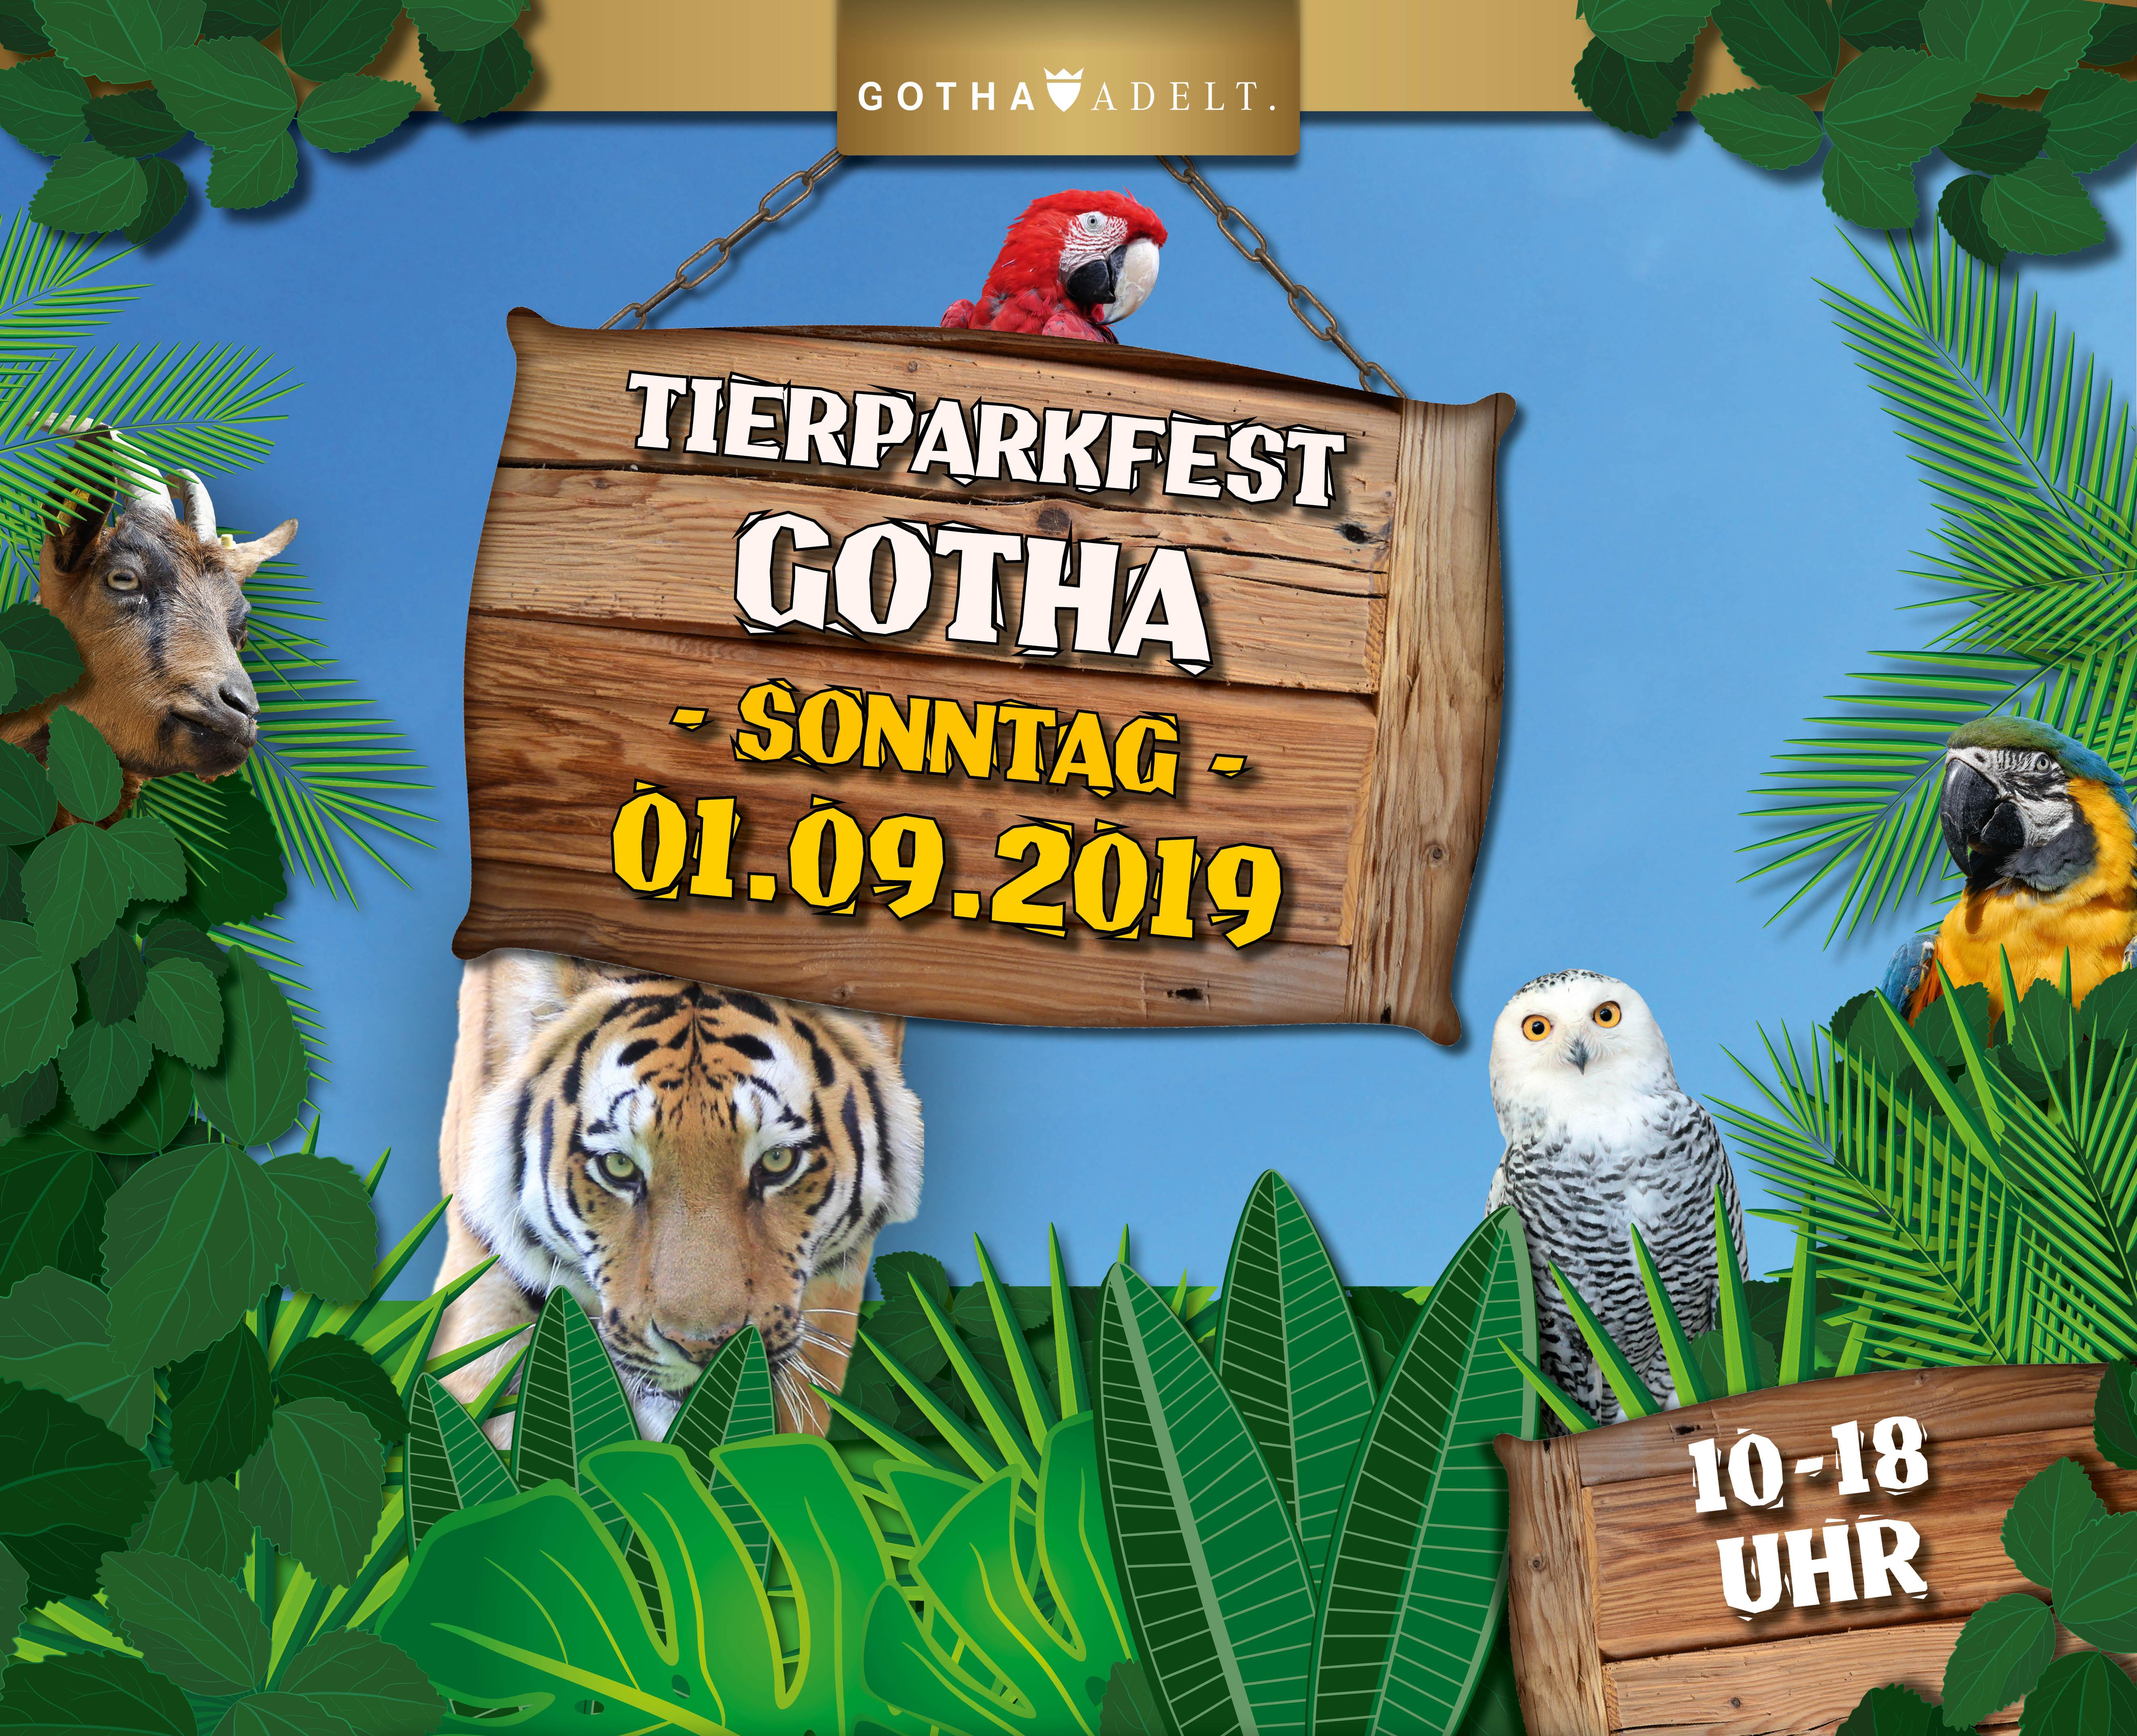 Tierparkfest im Tierpark Gotha